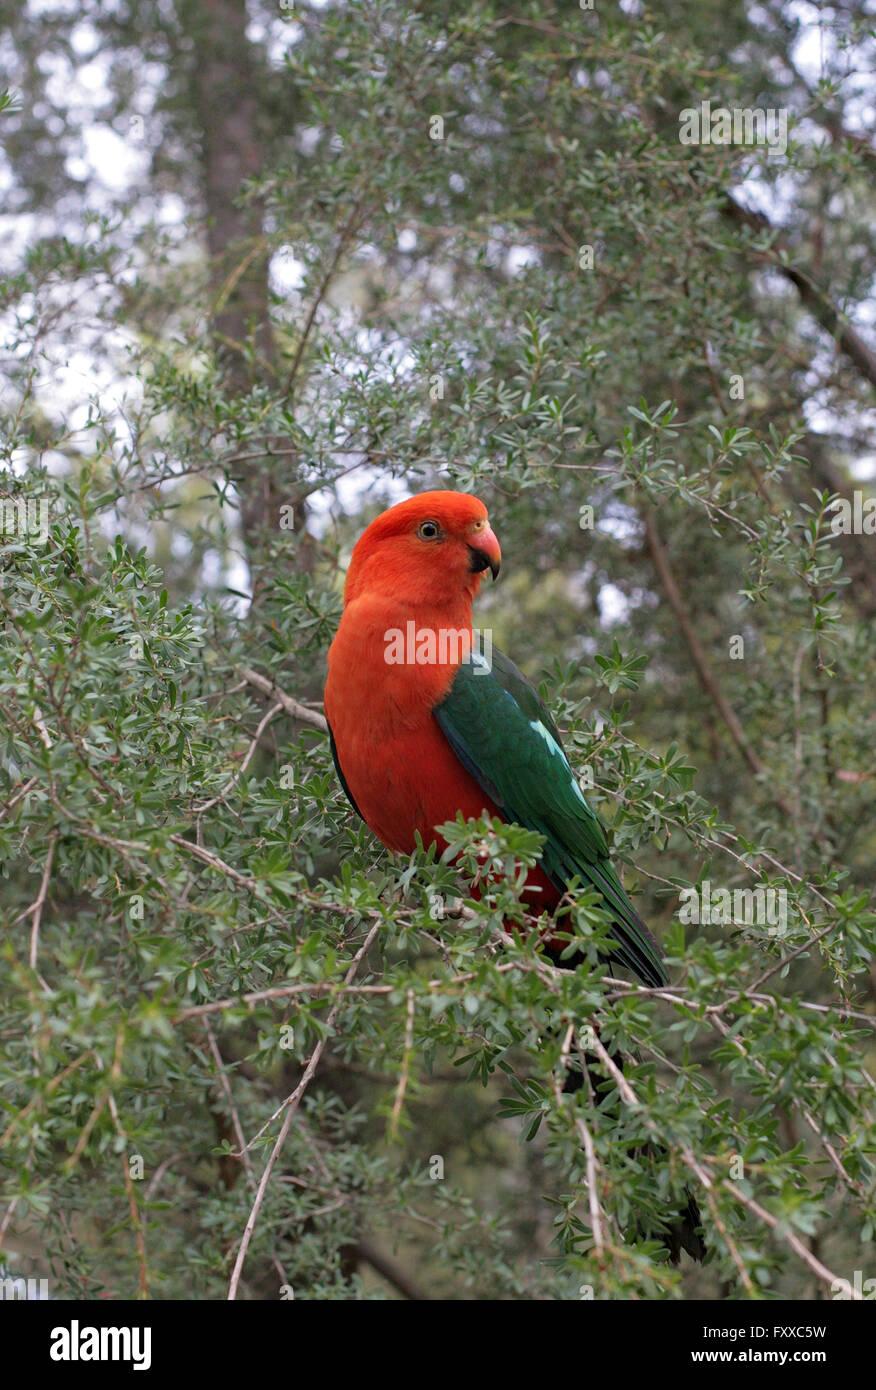 Einzelnen australischen Königs Papagei Alisterus Scapularis, umgeben von einheimischen australischen Busch. Stockbild